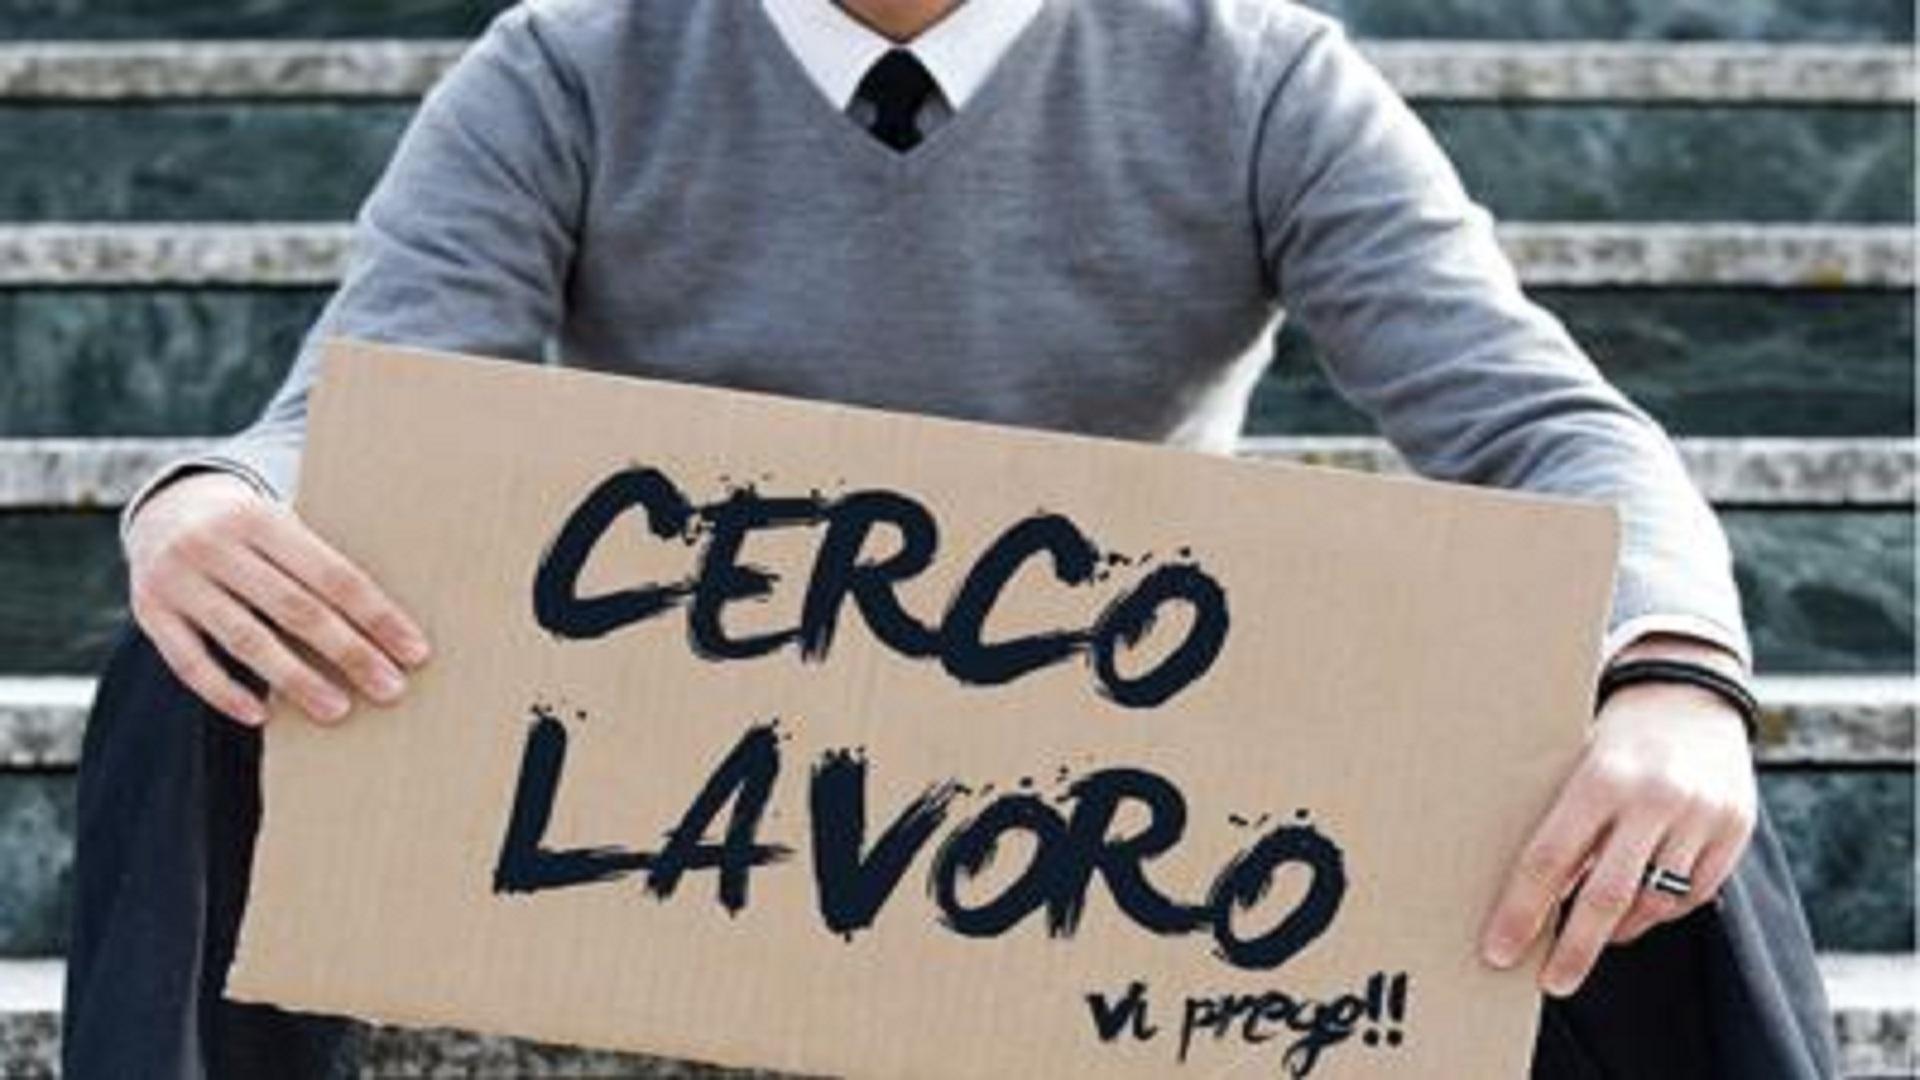 cerco_lavoro_promo2_3-0-2601585917